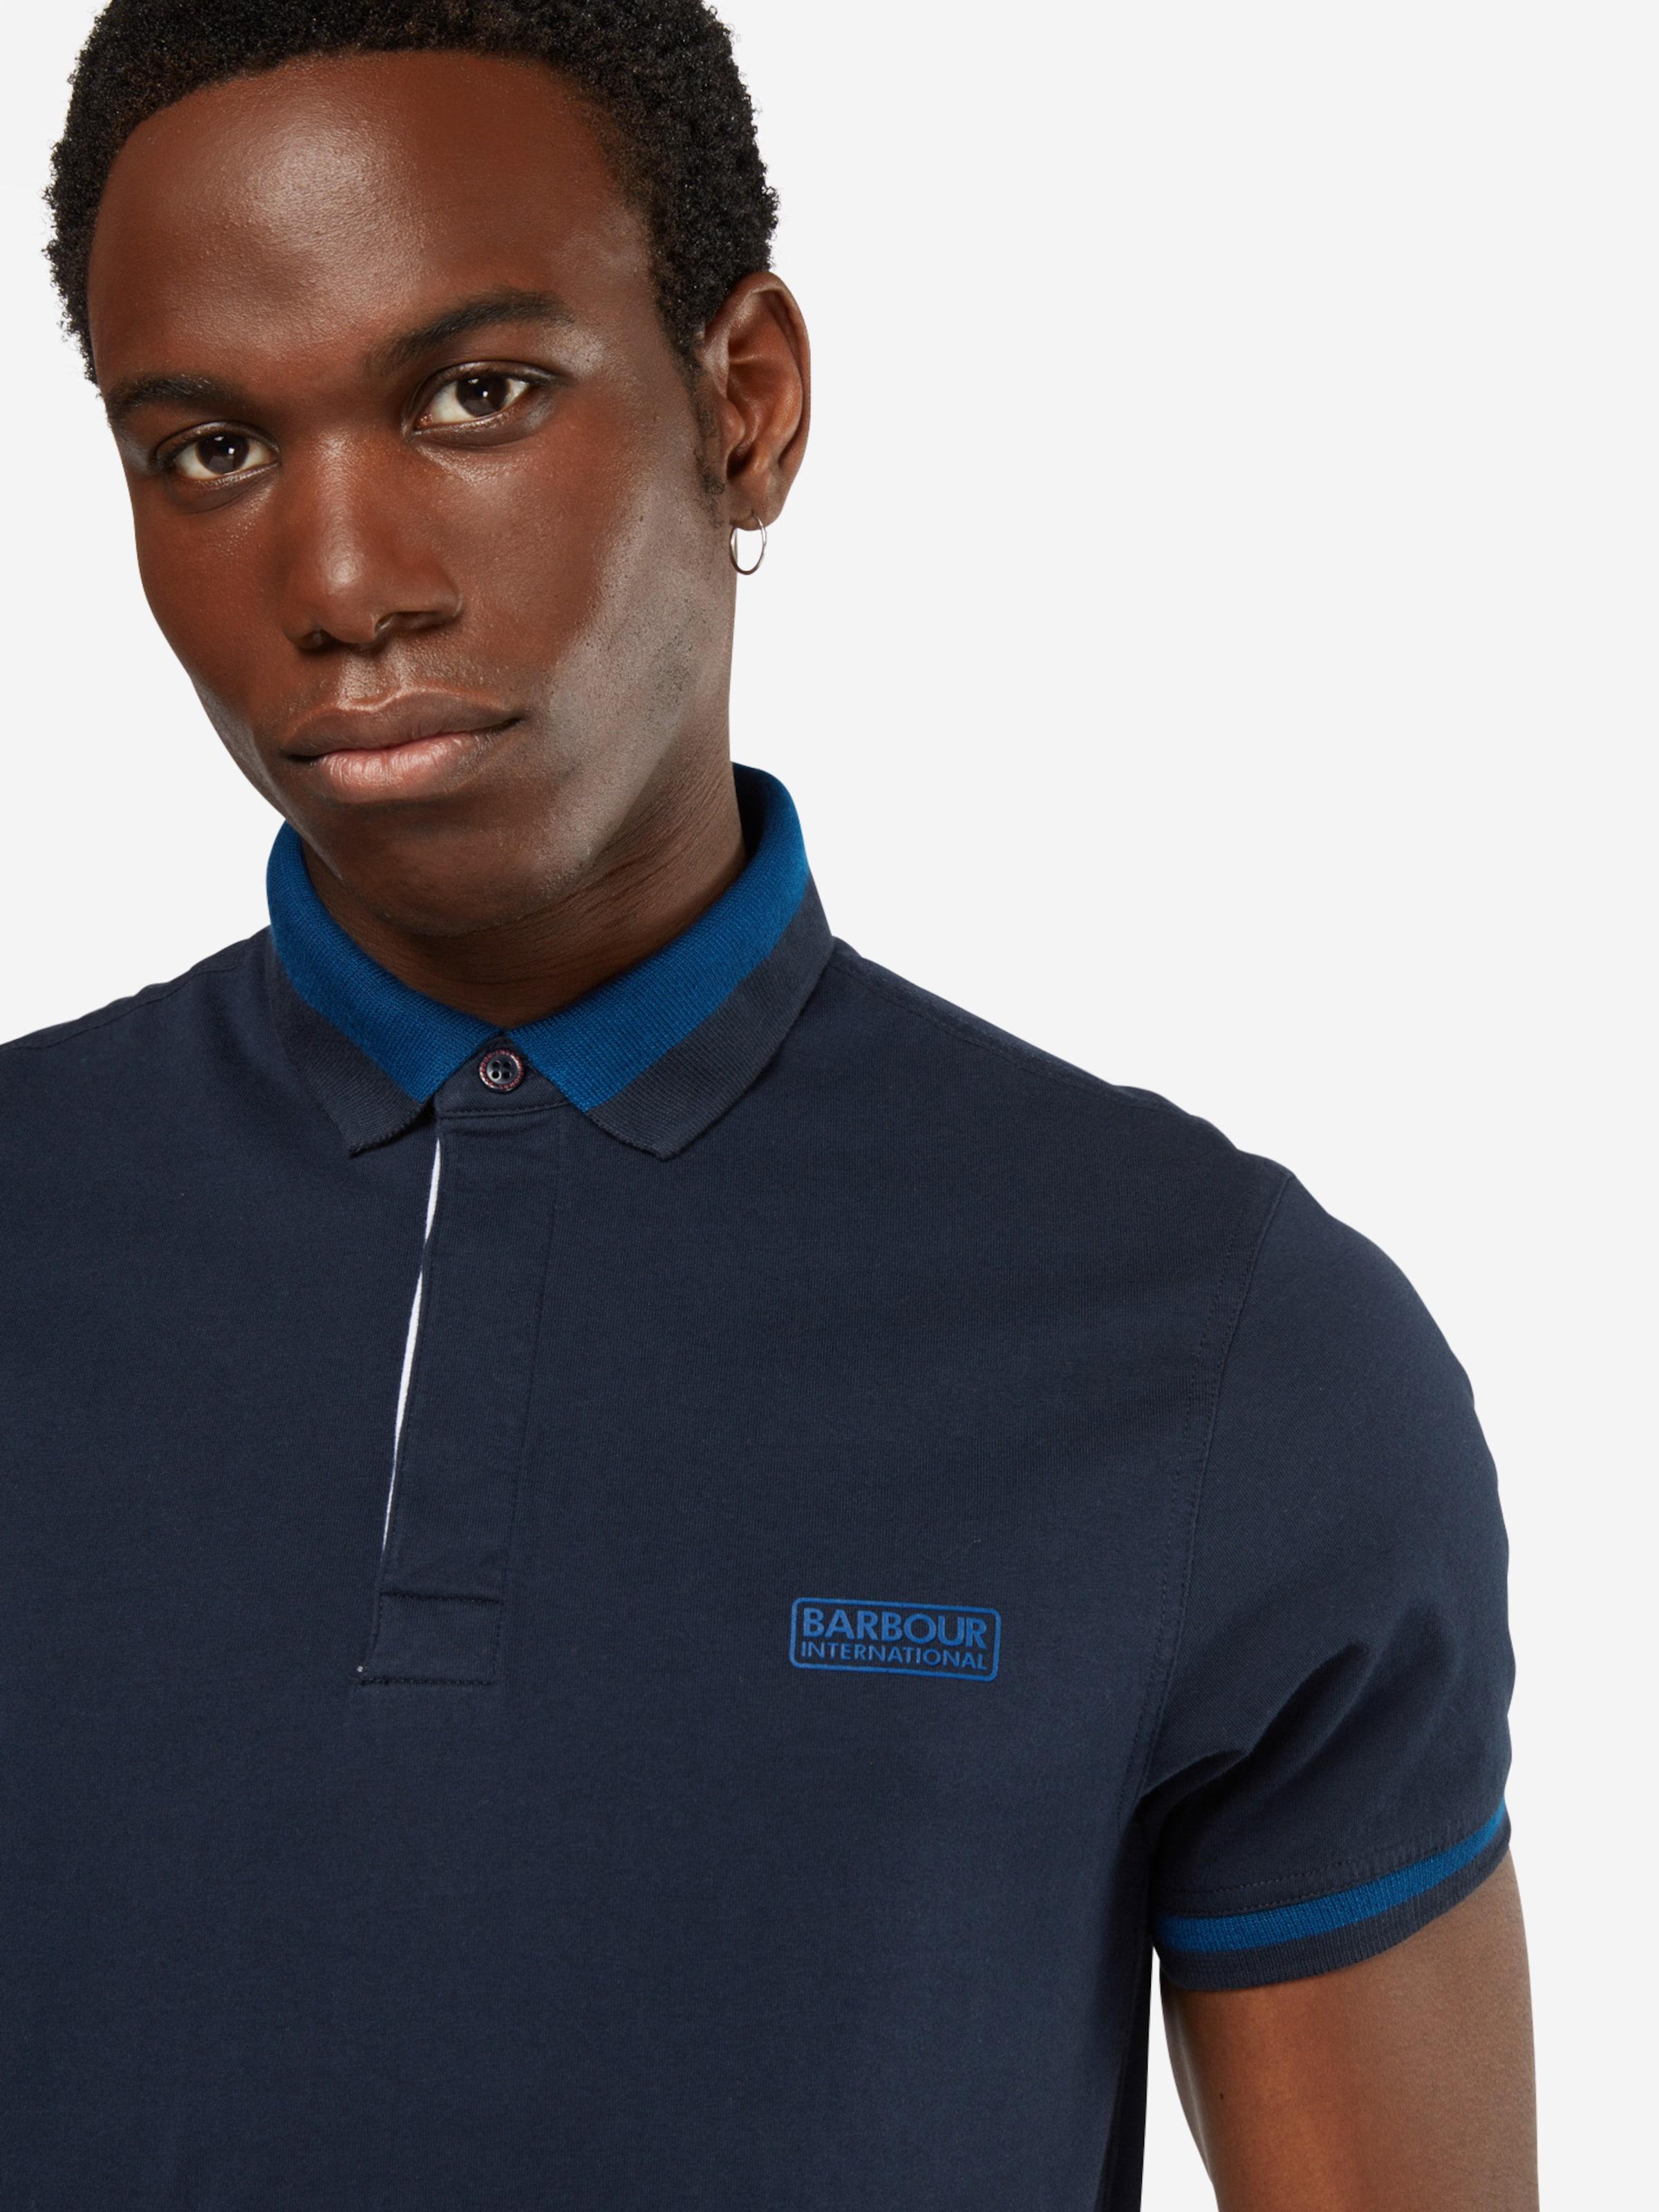 Spielraum Wirklich Barbour International Poloshirt 'B. Intl Throttle Polo' Verkauf Extrem PvBv8D